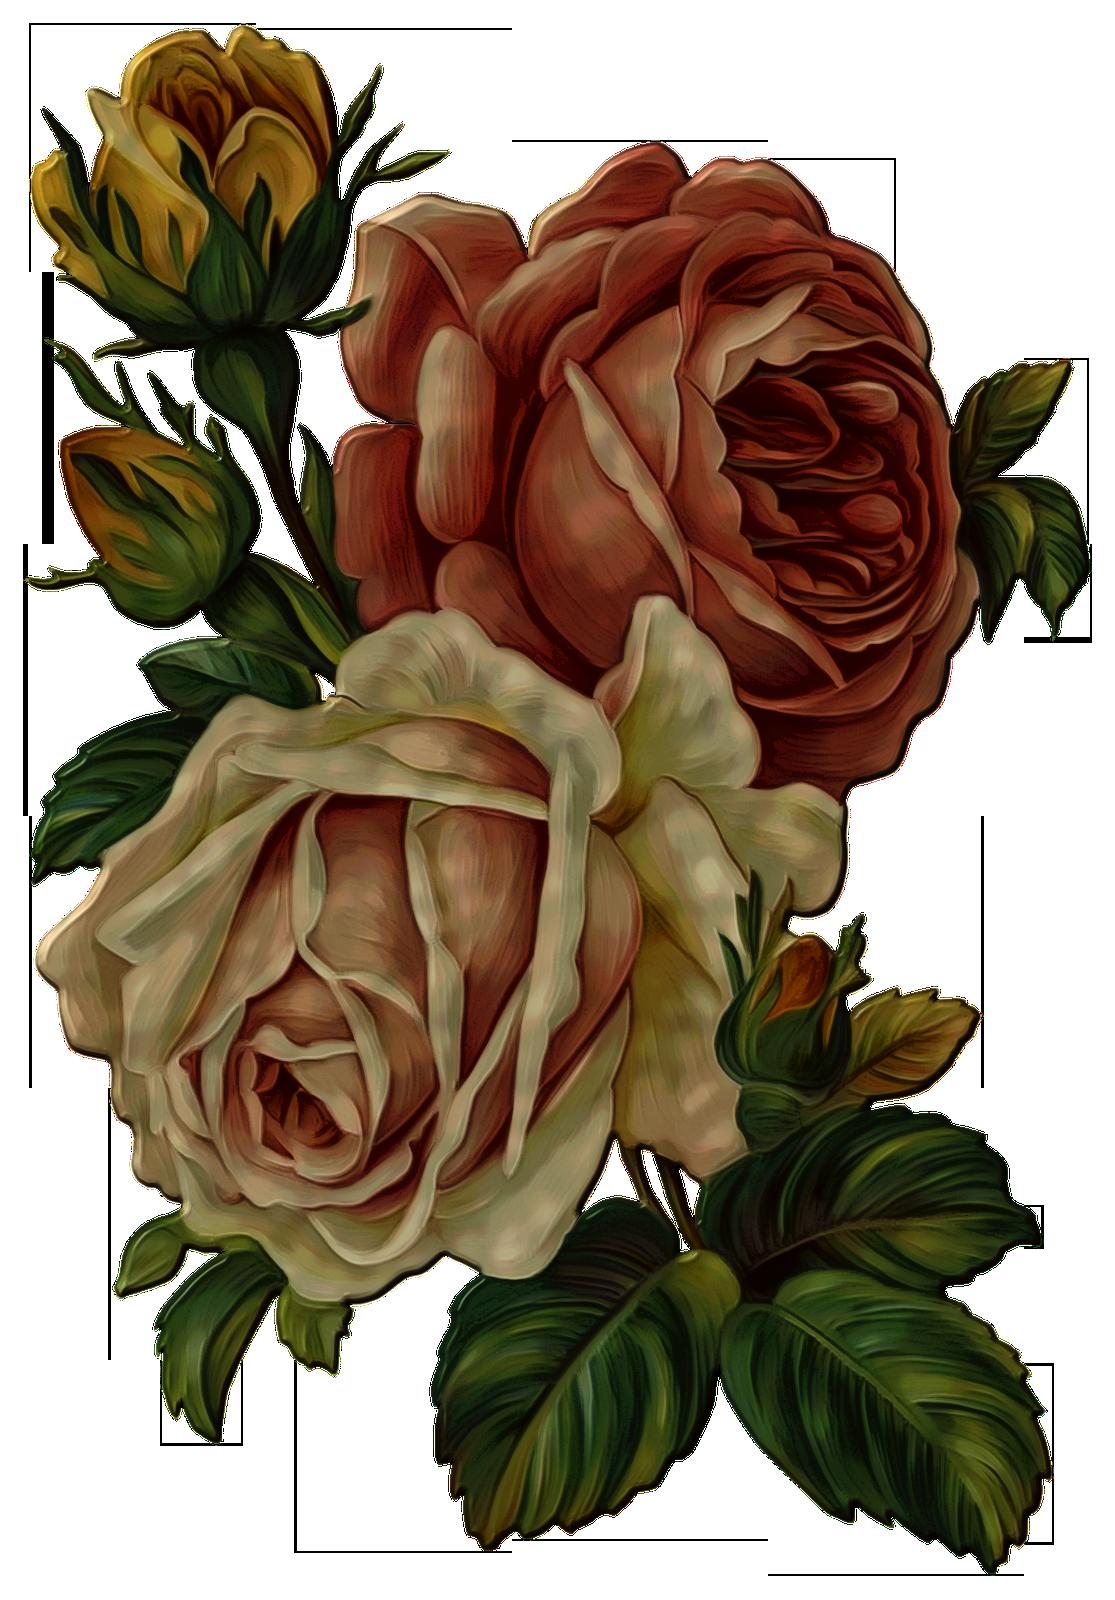 Vintage Flower Png Transparent Http Iezombie Net Vintage Flower Png Transparent Vintage Flowers Flower Art Flowers